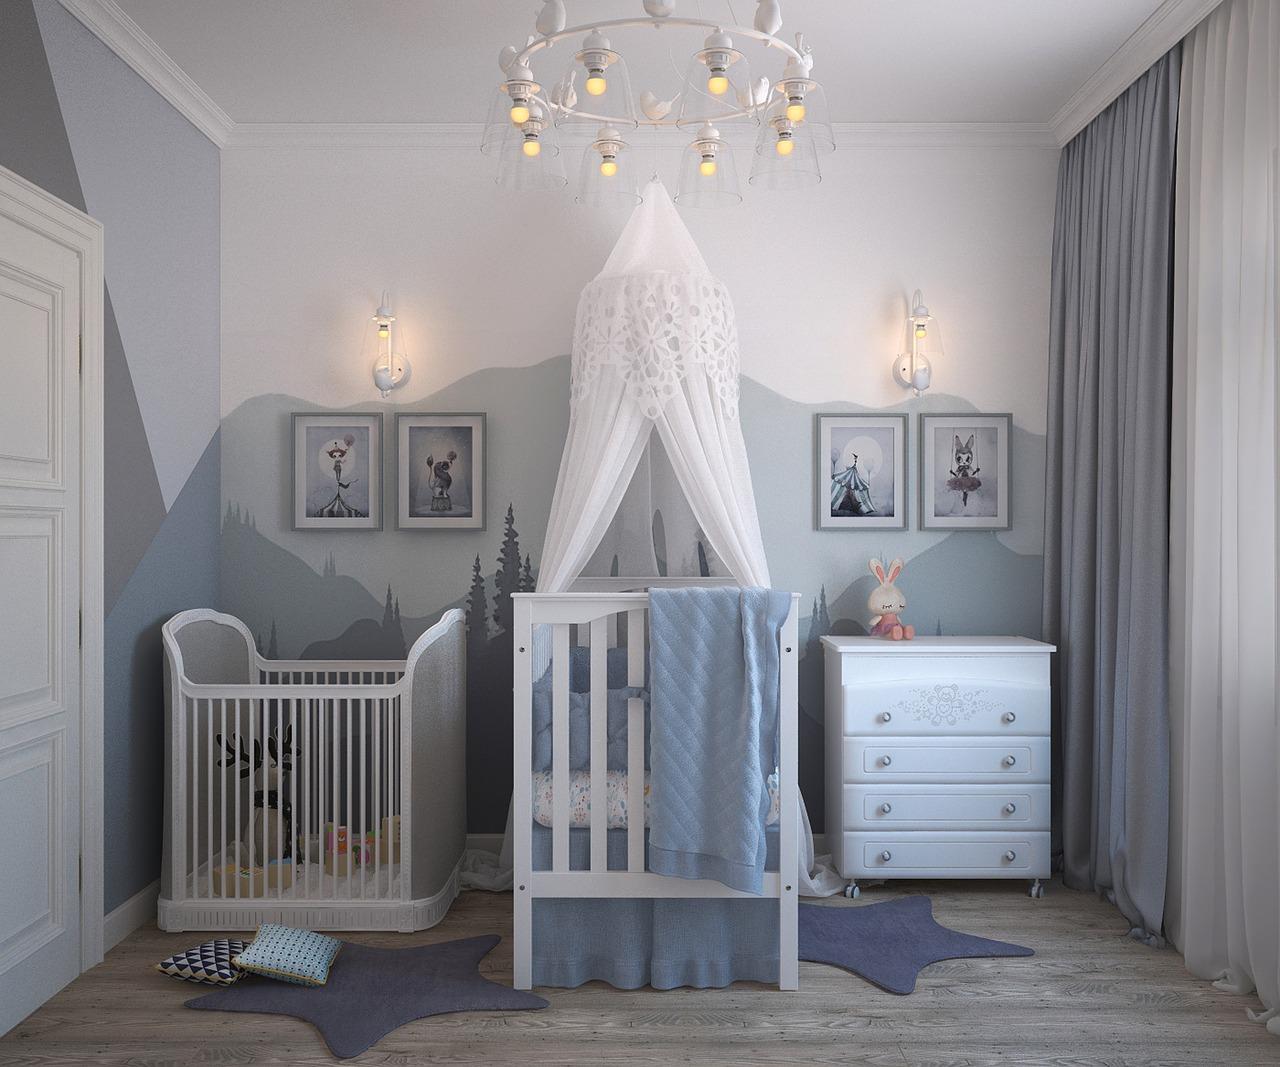 Idee Per Arredare Cameretta Neonato : Come arredare la cameretta per il neonato